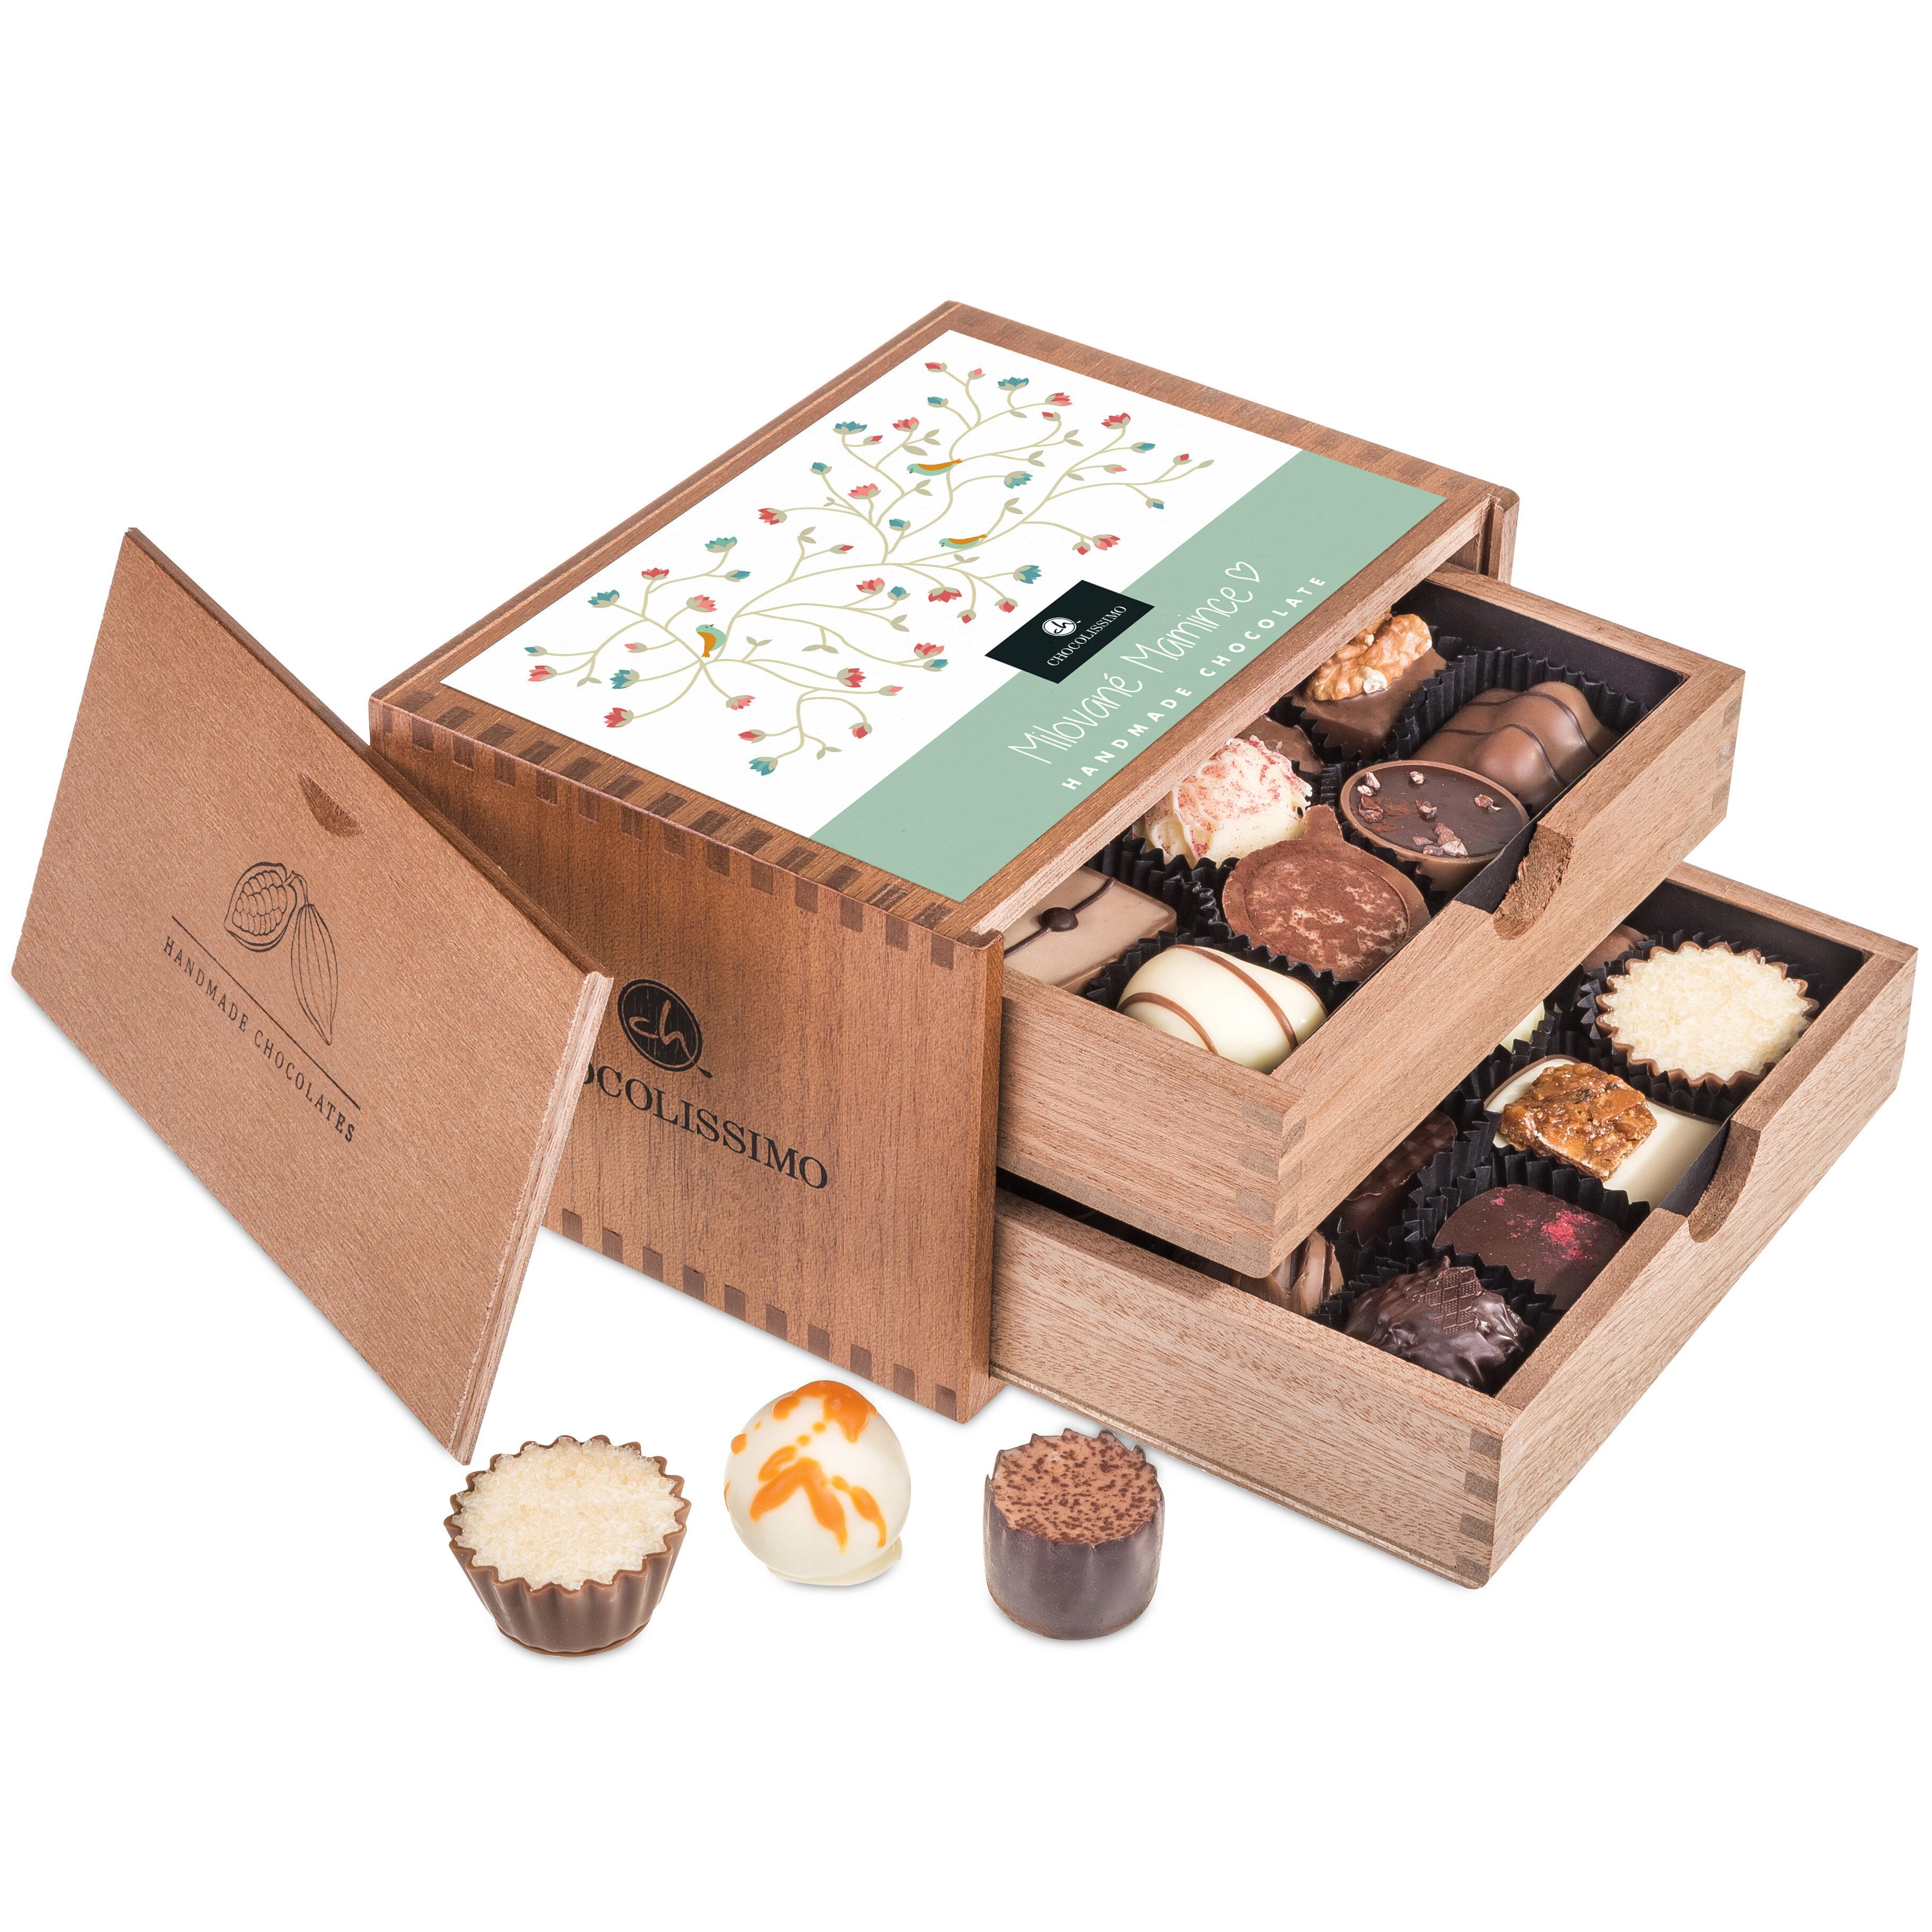 Chocolissimo - Chocolaterie pro maminku - Pralinky v dřevěné krabičce 250 g